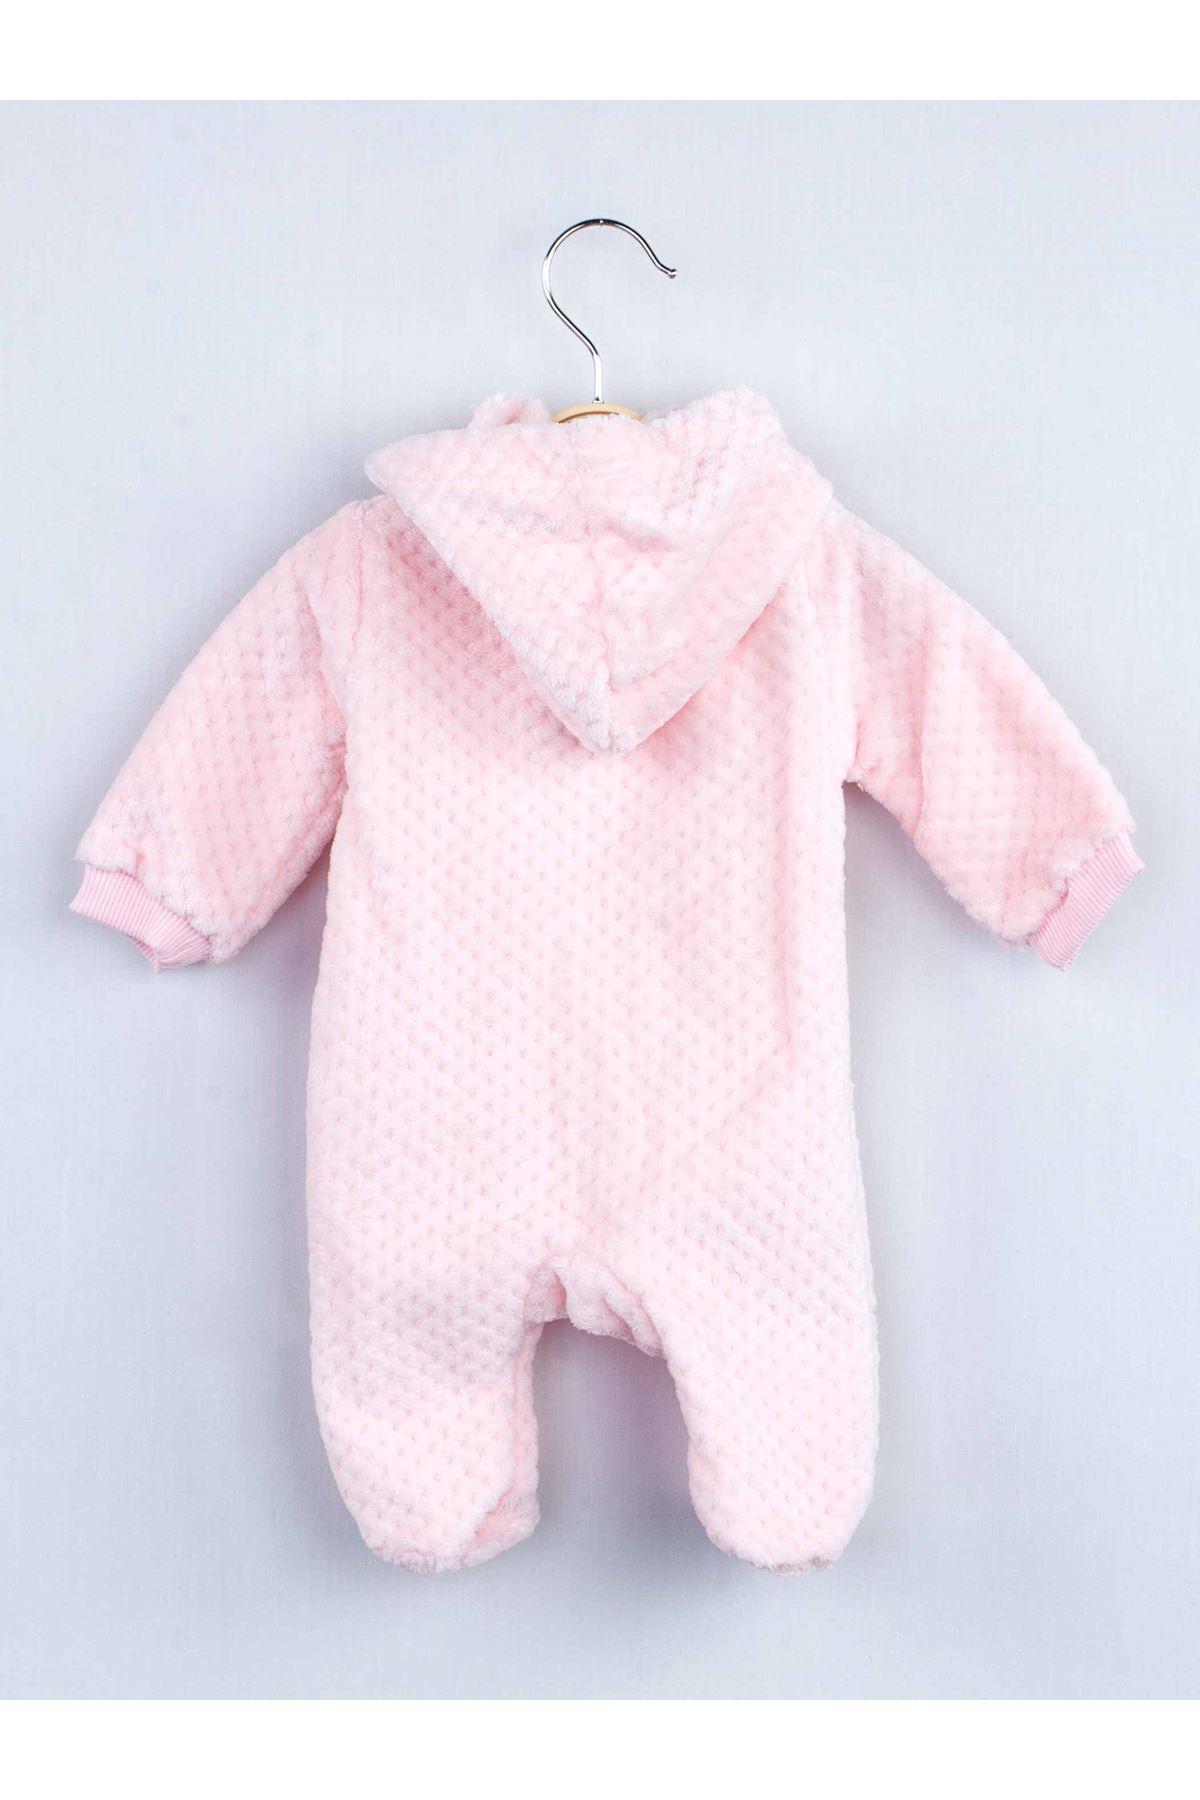 Pembe Peluş Kız Bebek Kapüşonlu Tulum